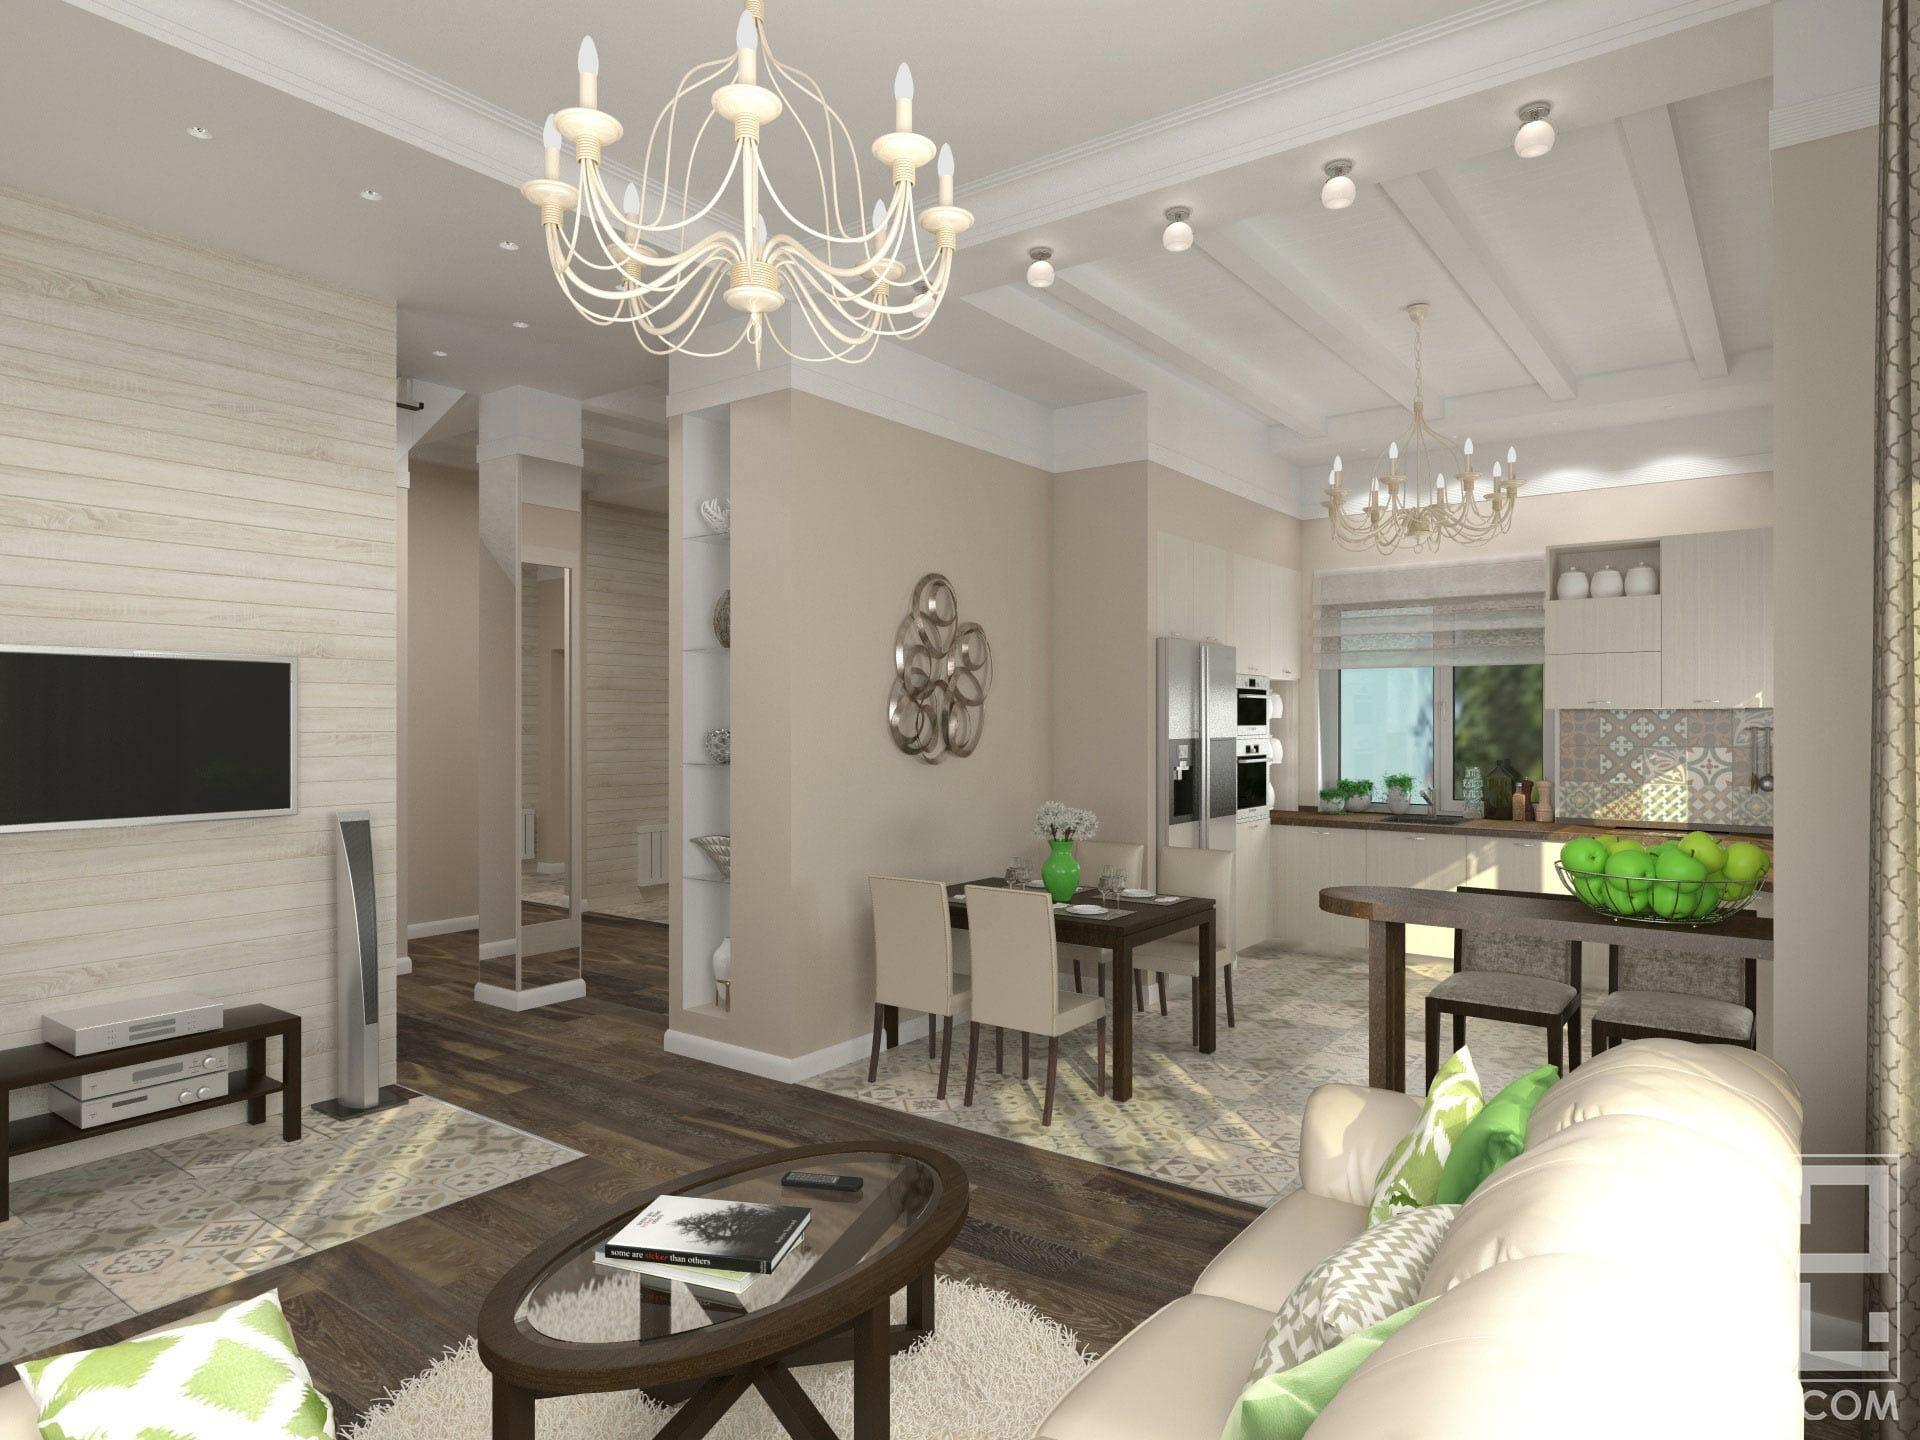 дизайн интерьера гостиная кухня в частном доме